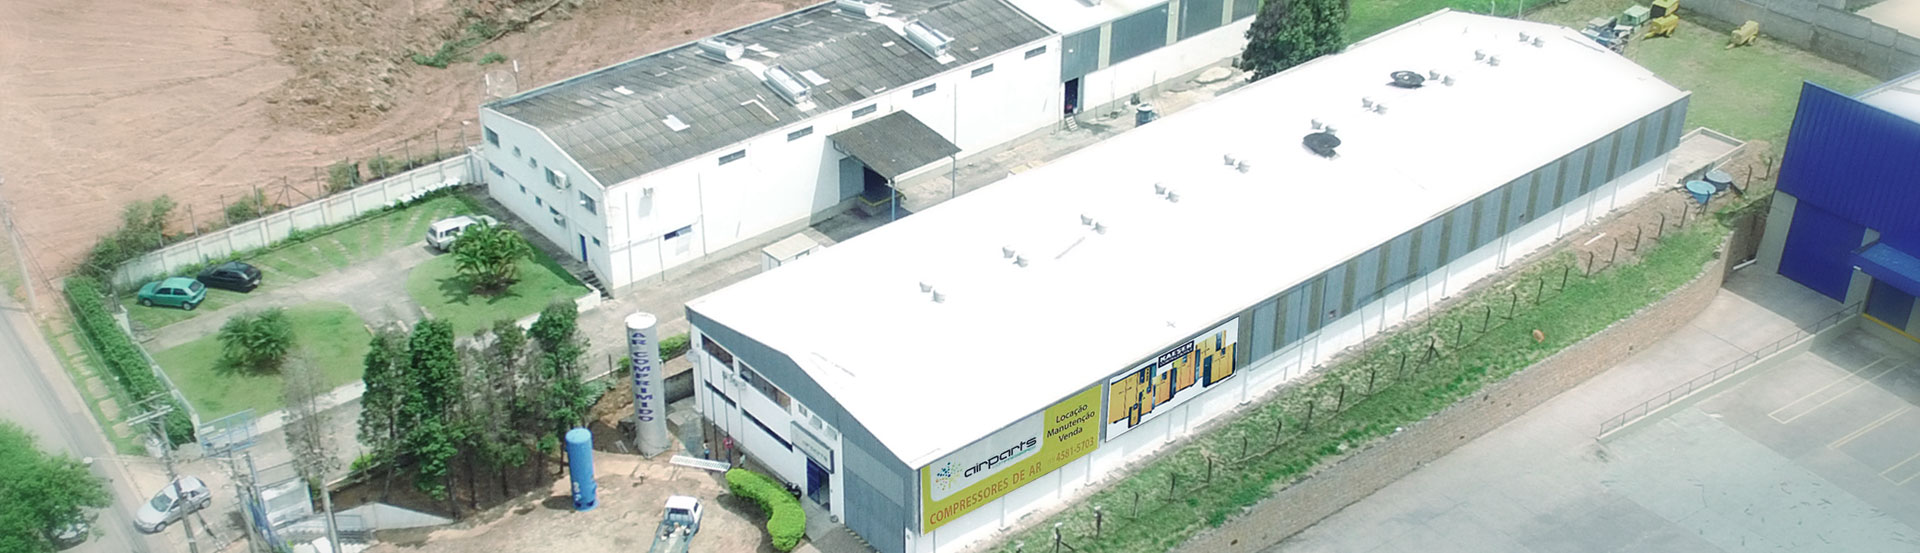 Rental Parts - Aluguel e venda de Compressores e acessórios